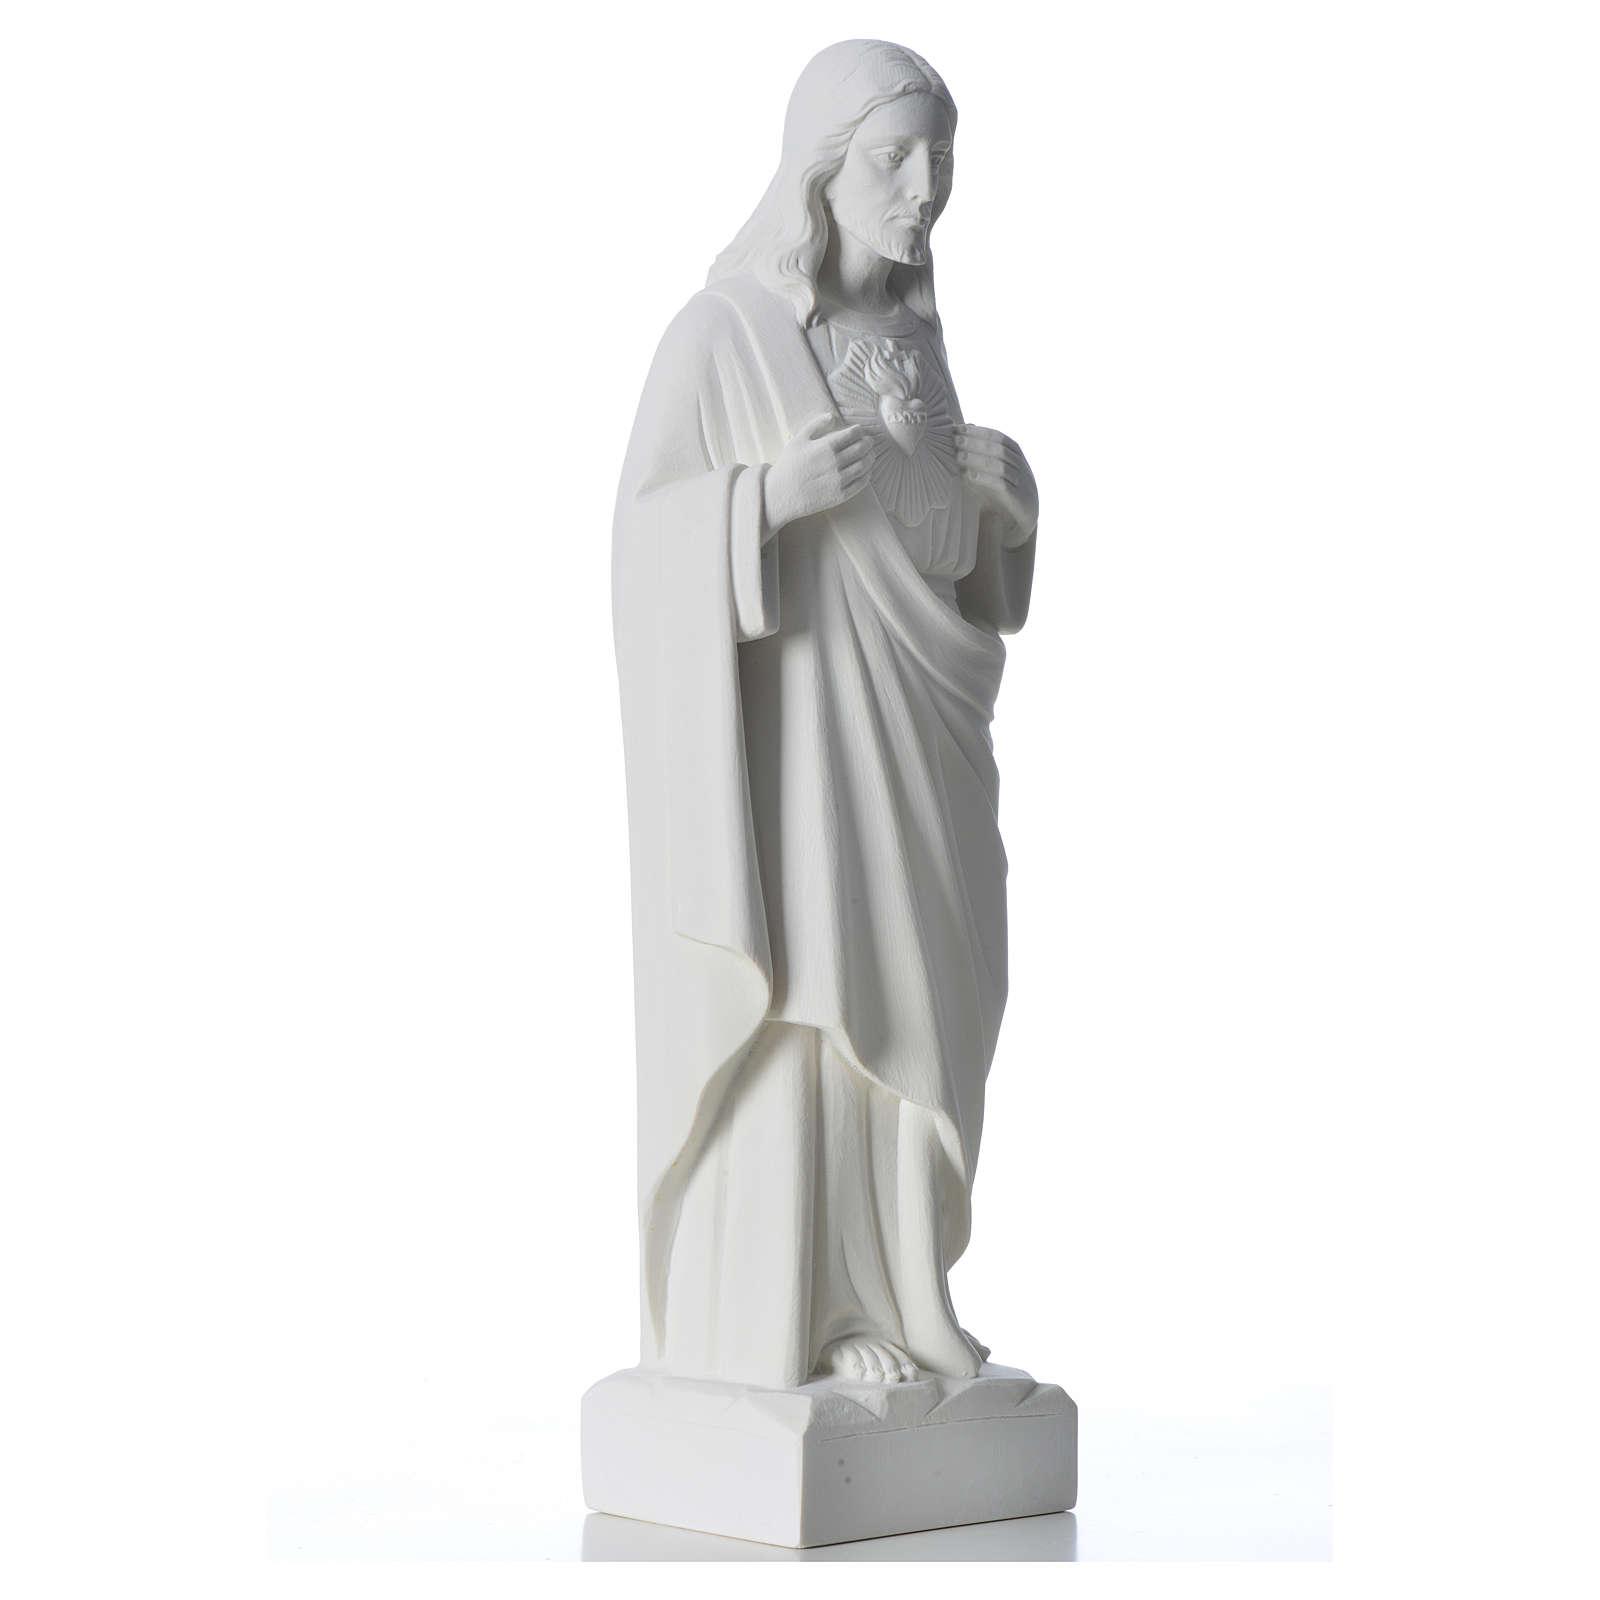 Sacré coeur de Jésus marbre blanc reconstitué 30-40 cm 4